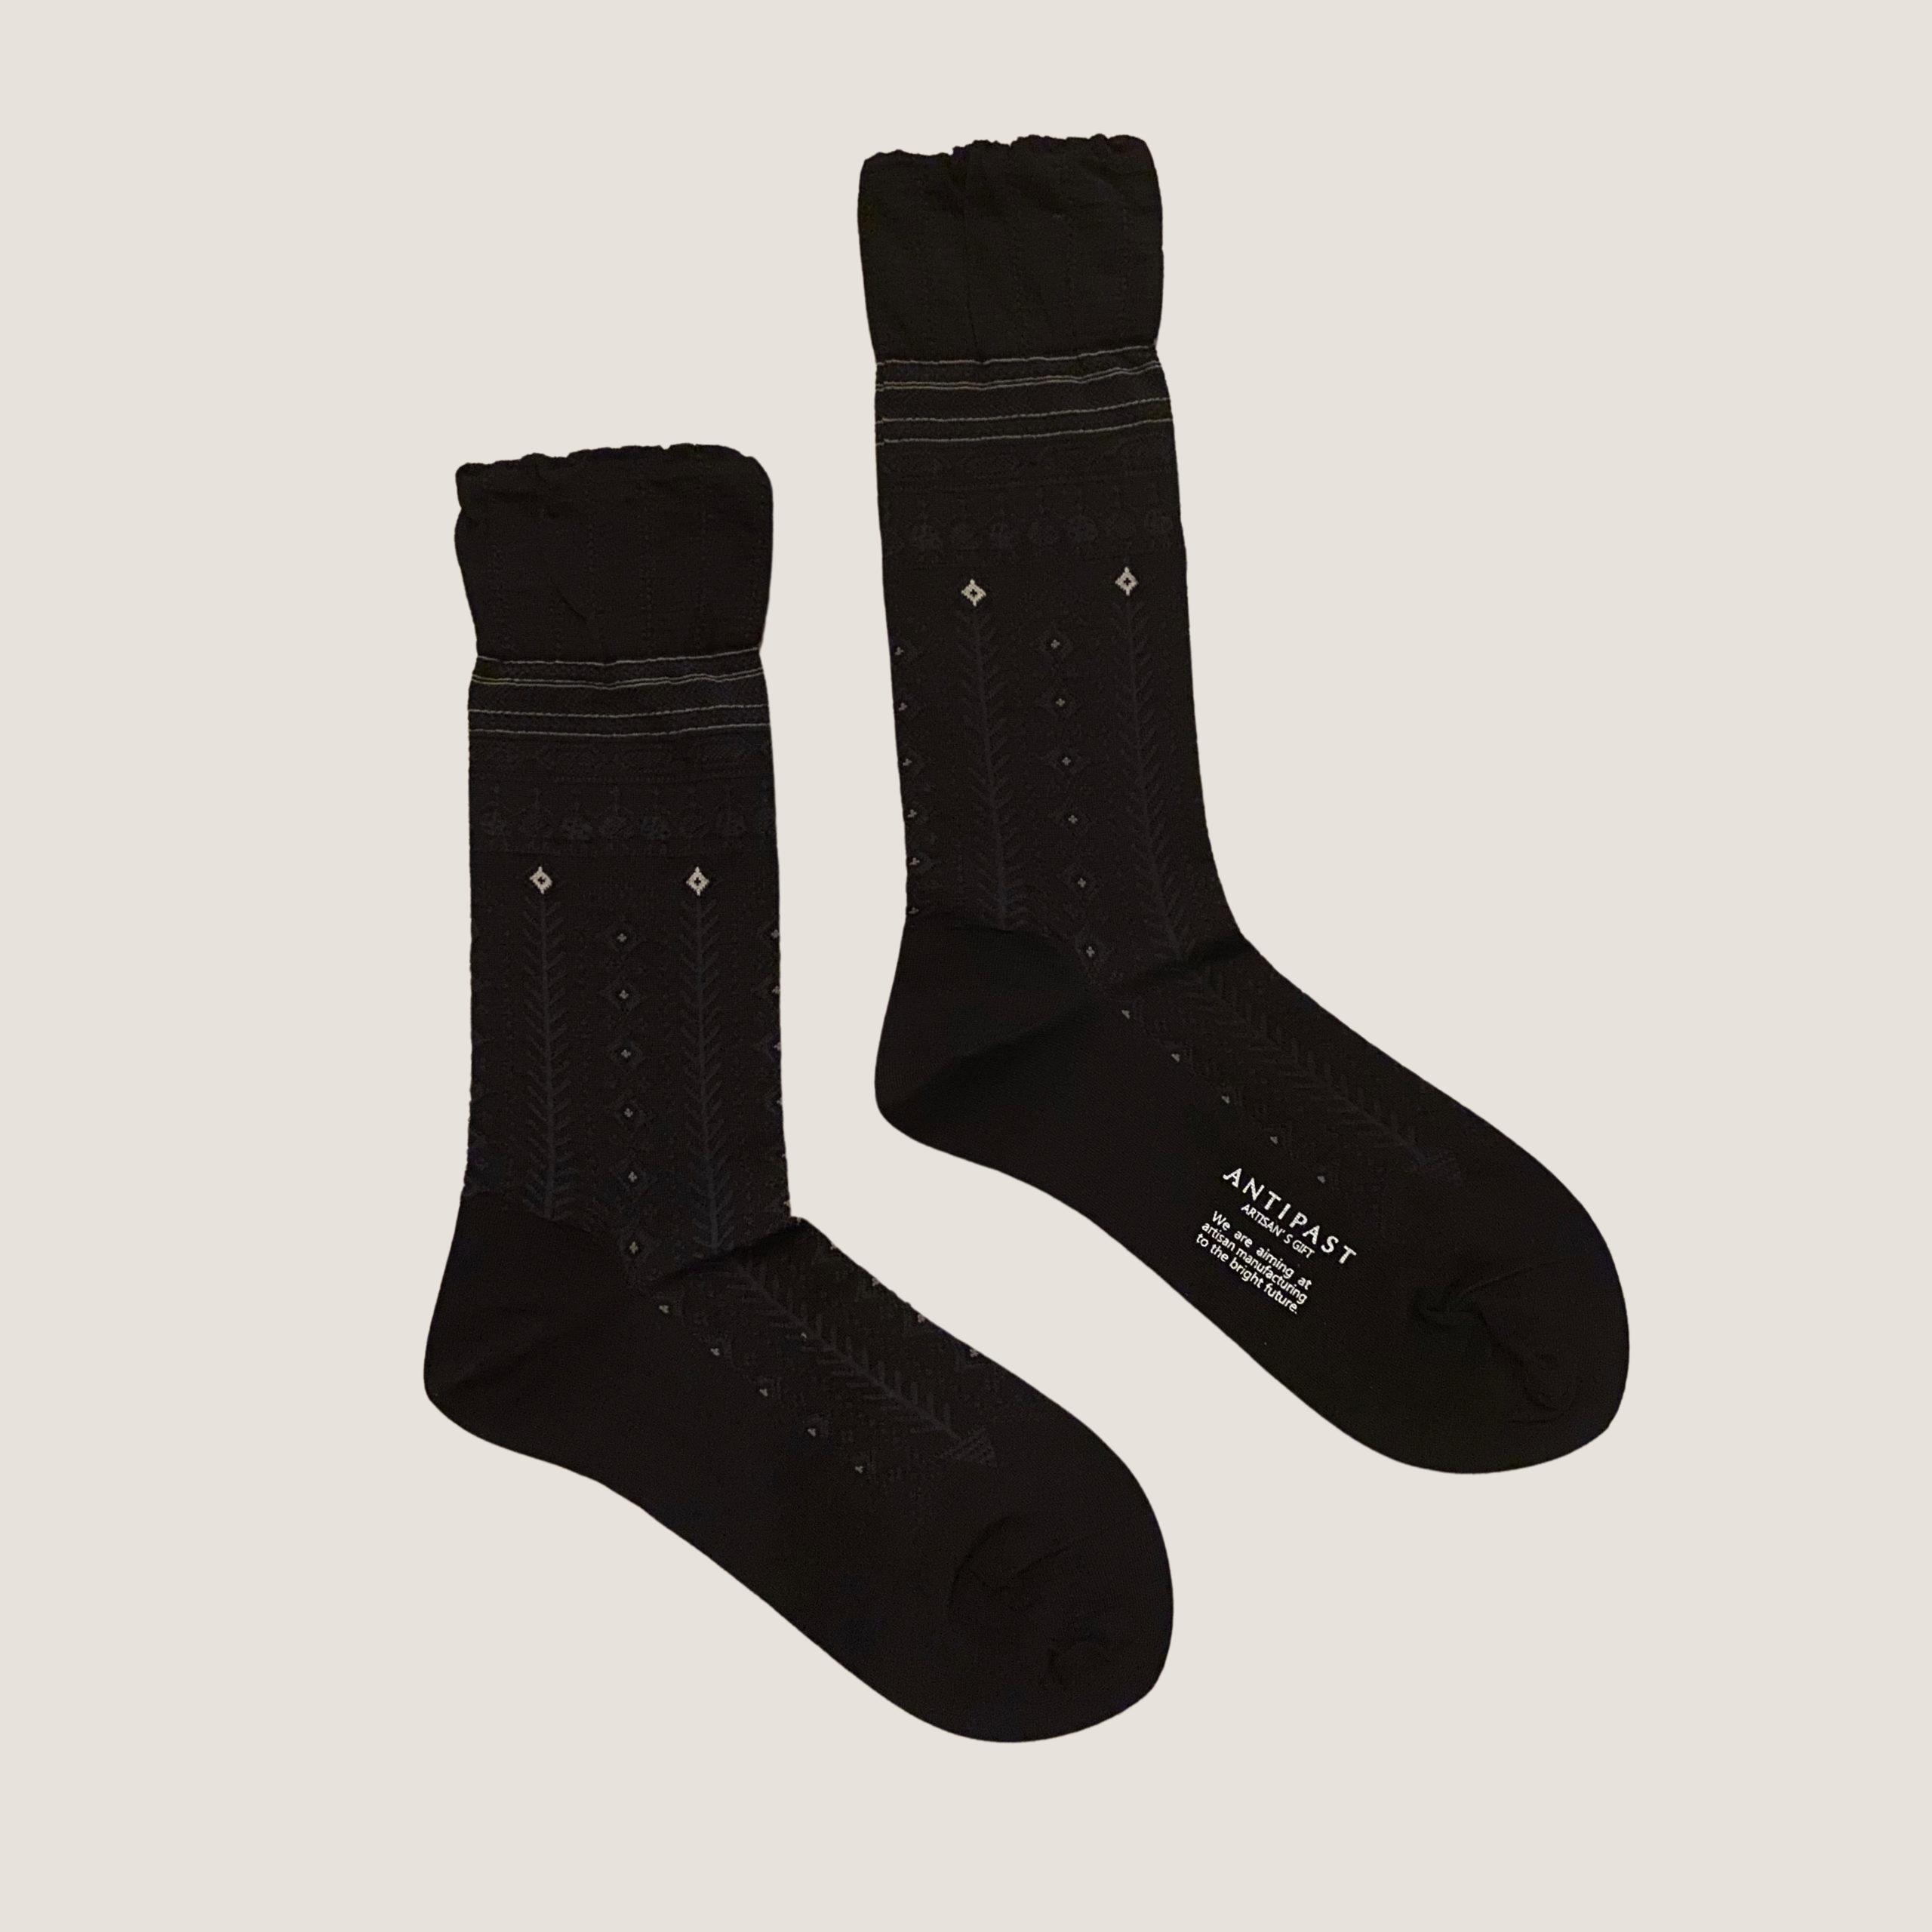 Socks - AM680A